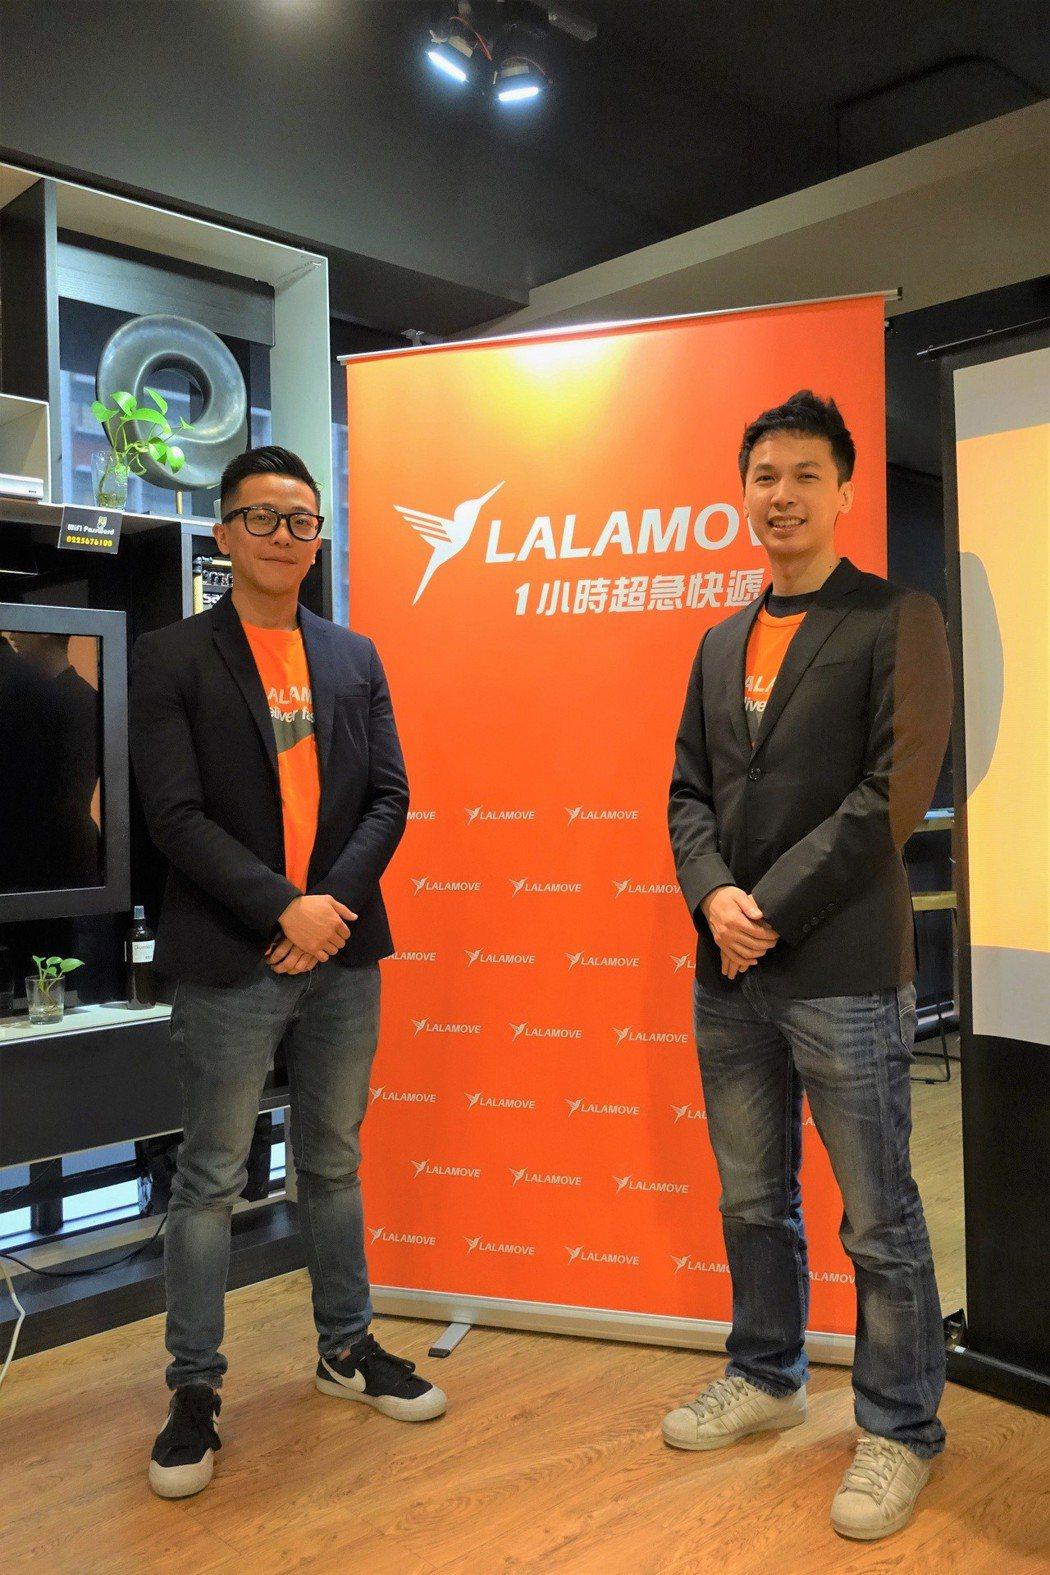 左為Lalamove共同創辦人暨成長總監許家維,右為Lalamove共同創辦人暨...